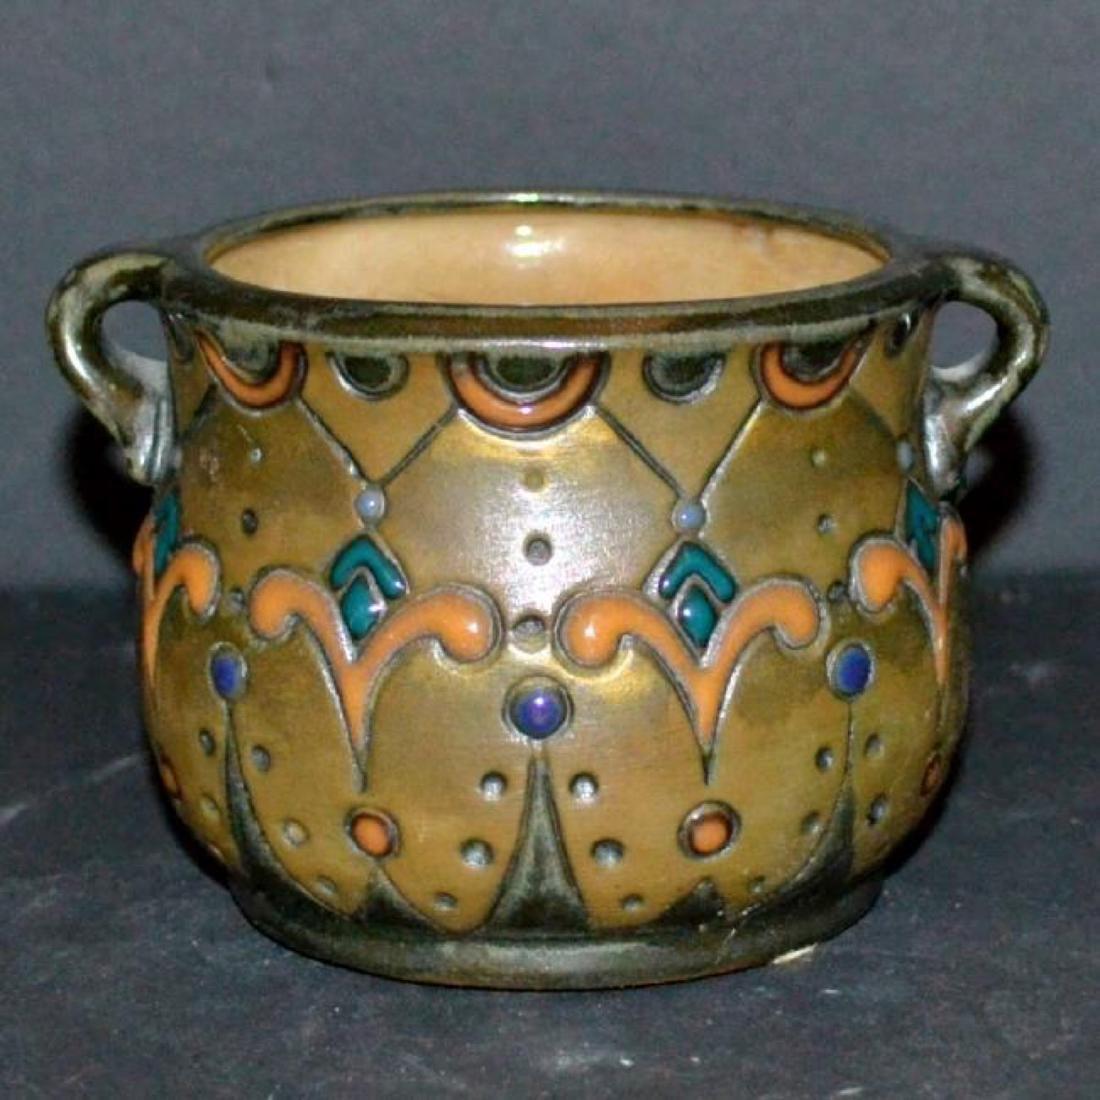 Antique Amphora Works Reissner 1905-1945 Vessel - 2